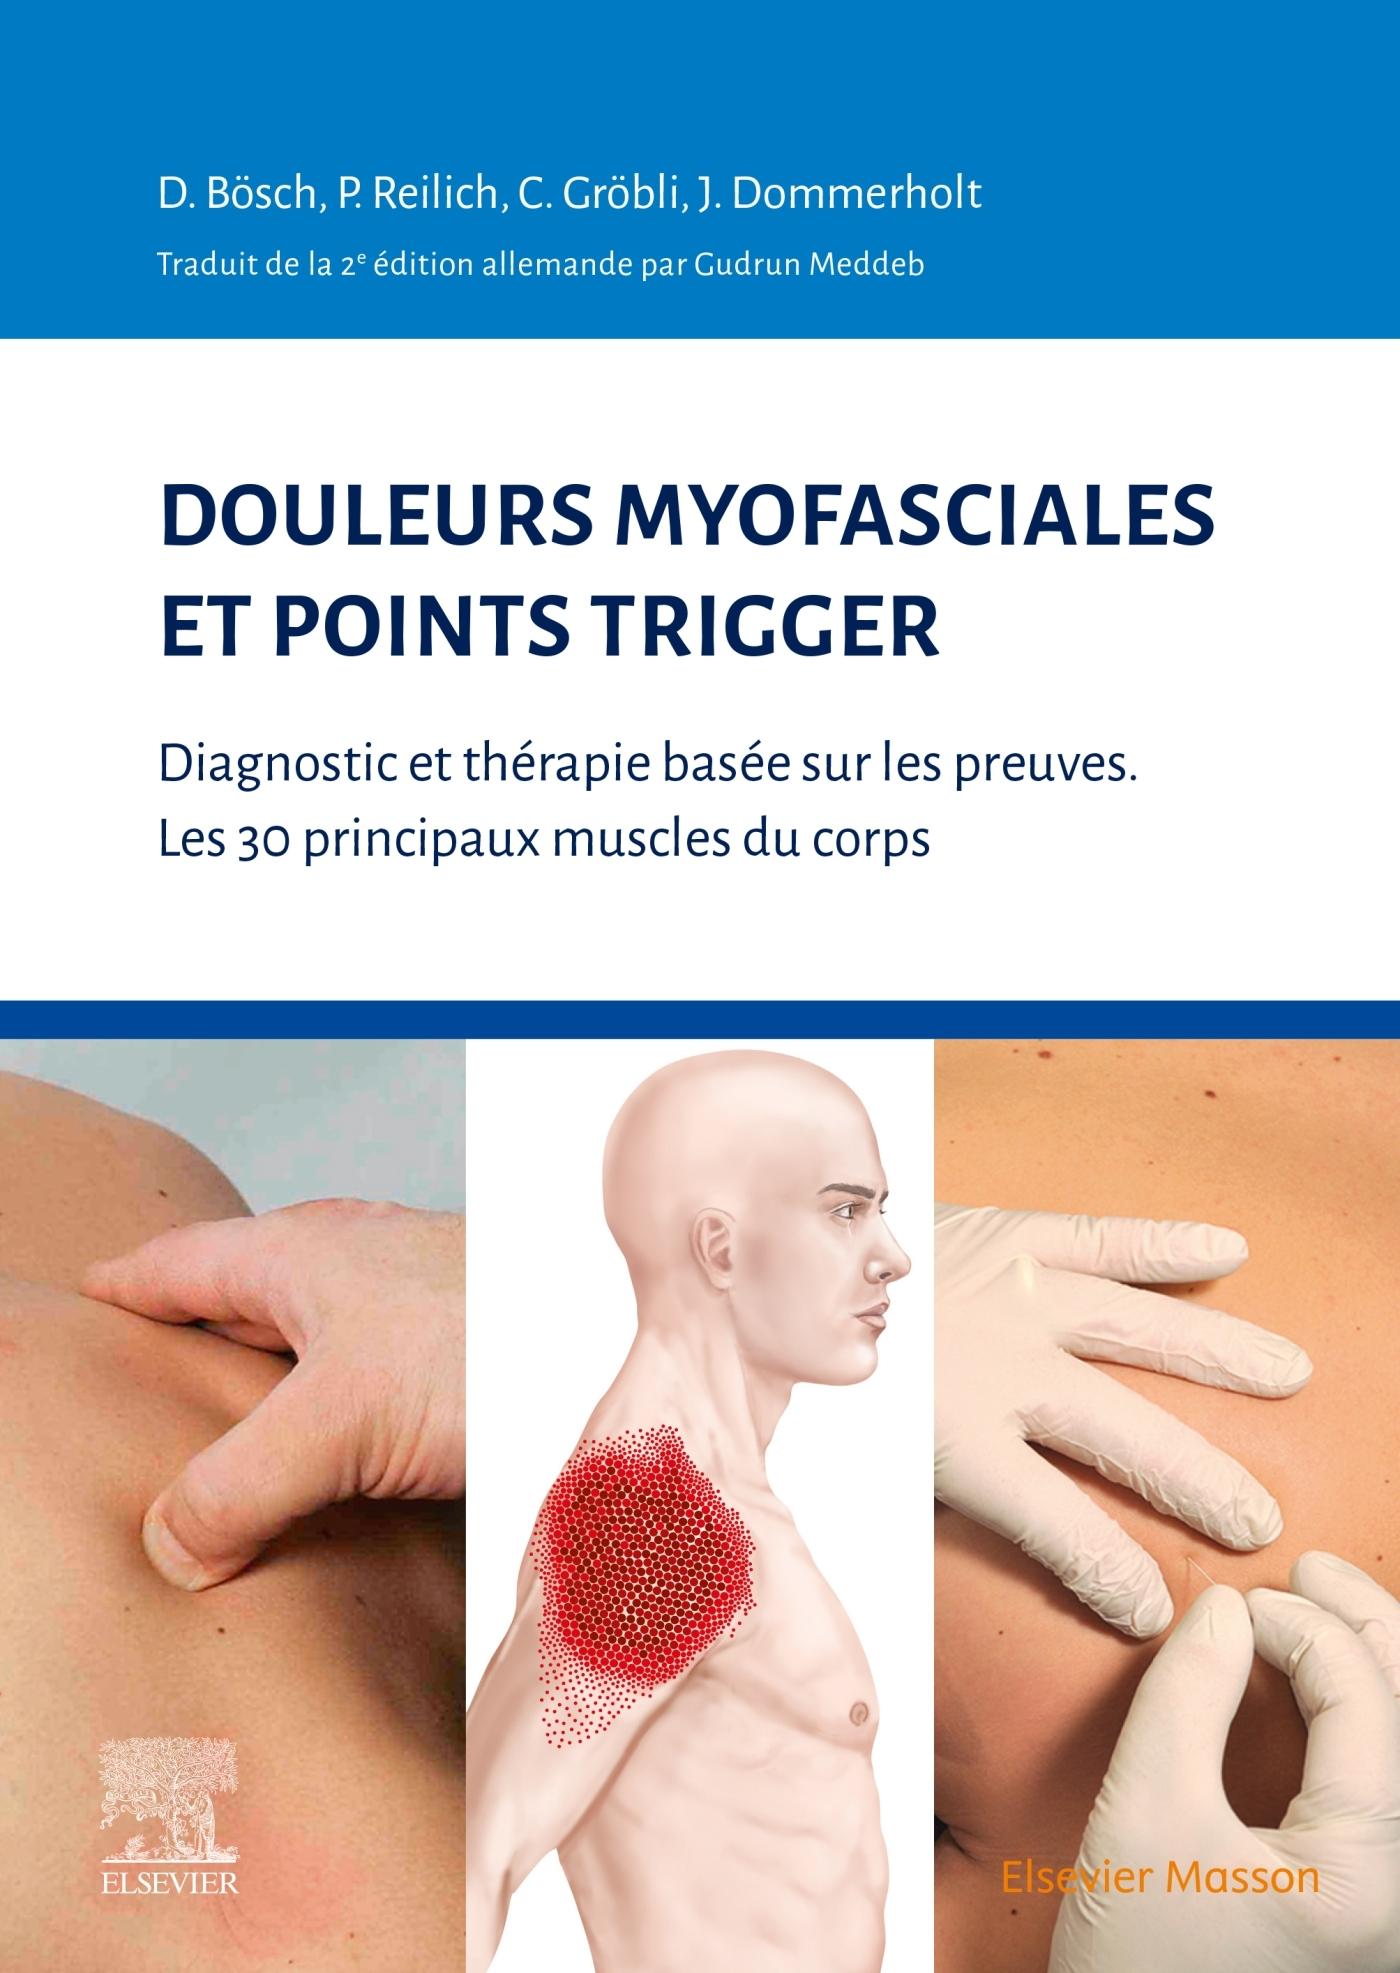 DOULEURS MYOFASCIALES ET POINTS TRIGGER - DIAGNOSTIC ET THERAPIE BASEE SUR LES PREUVES. LES 30 PRINC